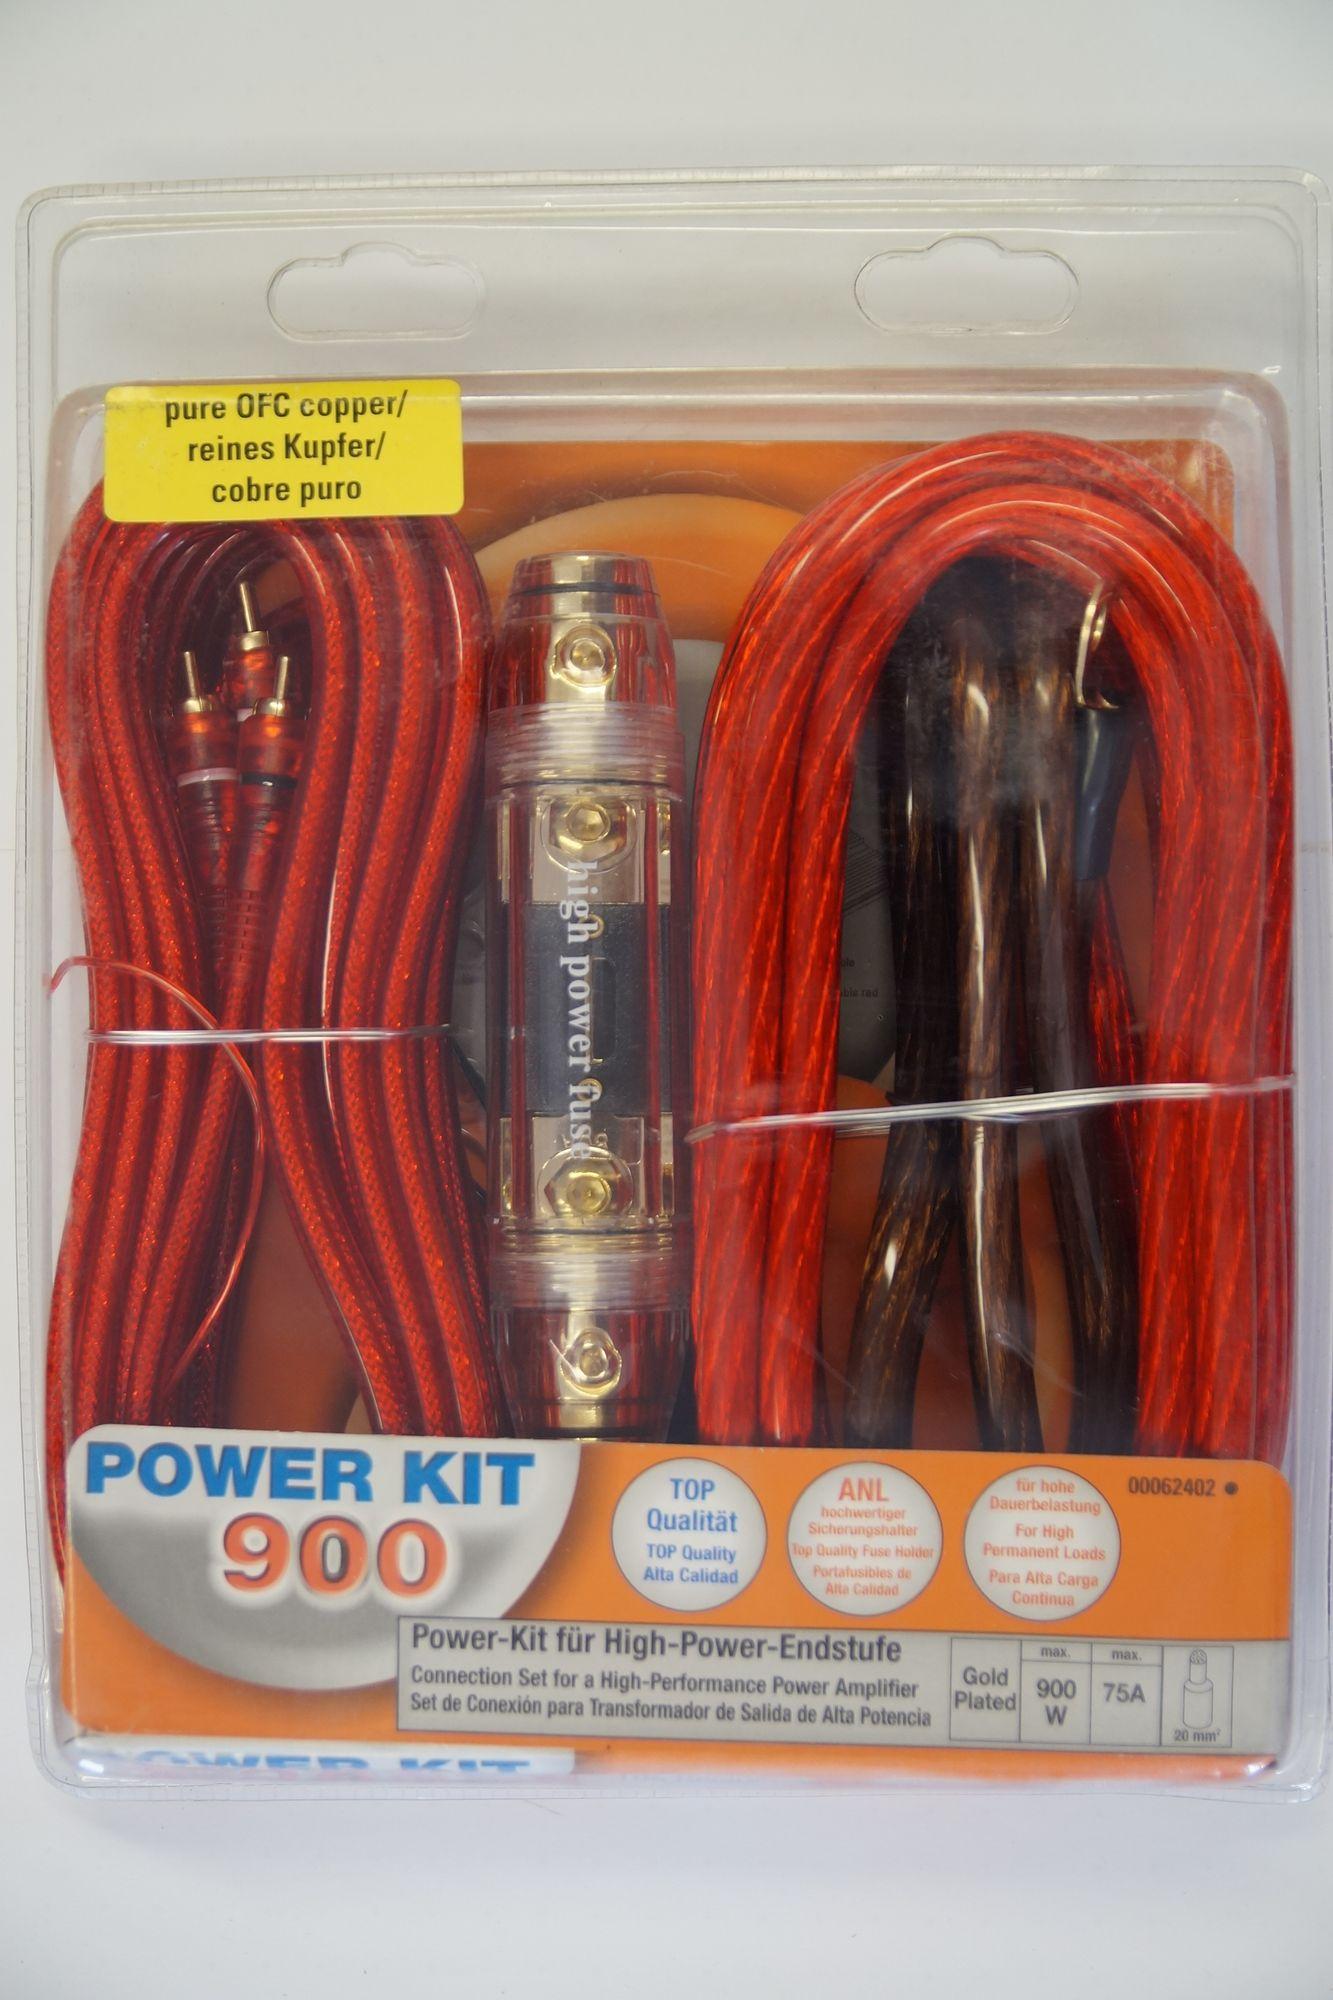 Car Hifi-Auto Kabel-Set, Powerkit 900, 100%Kupfer B Ware 001